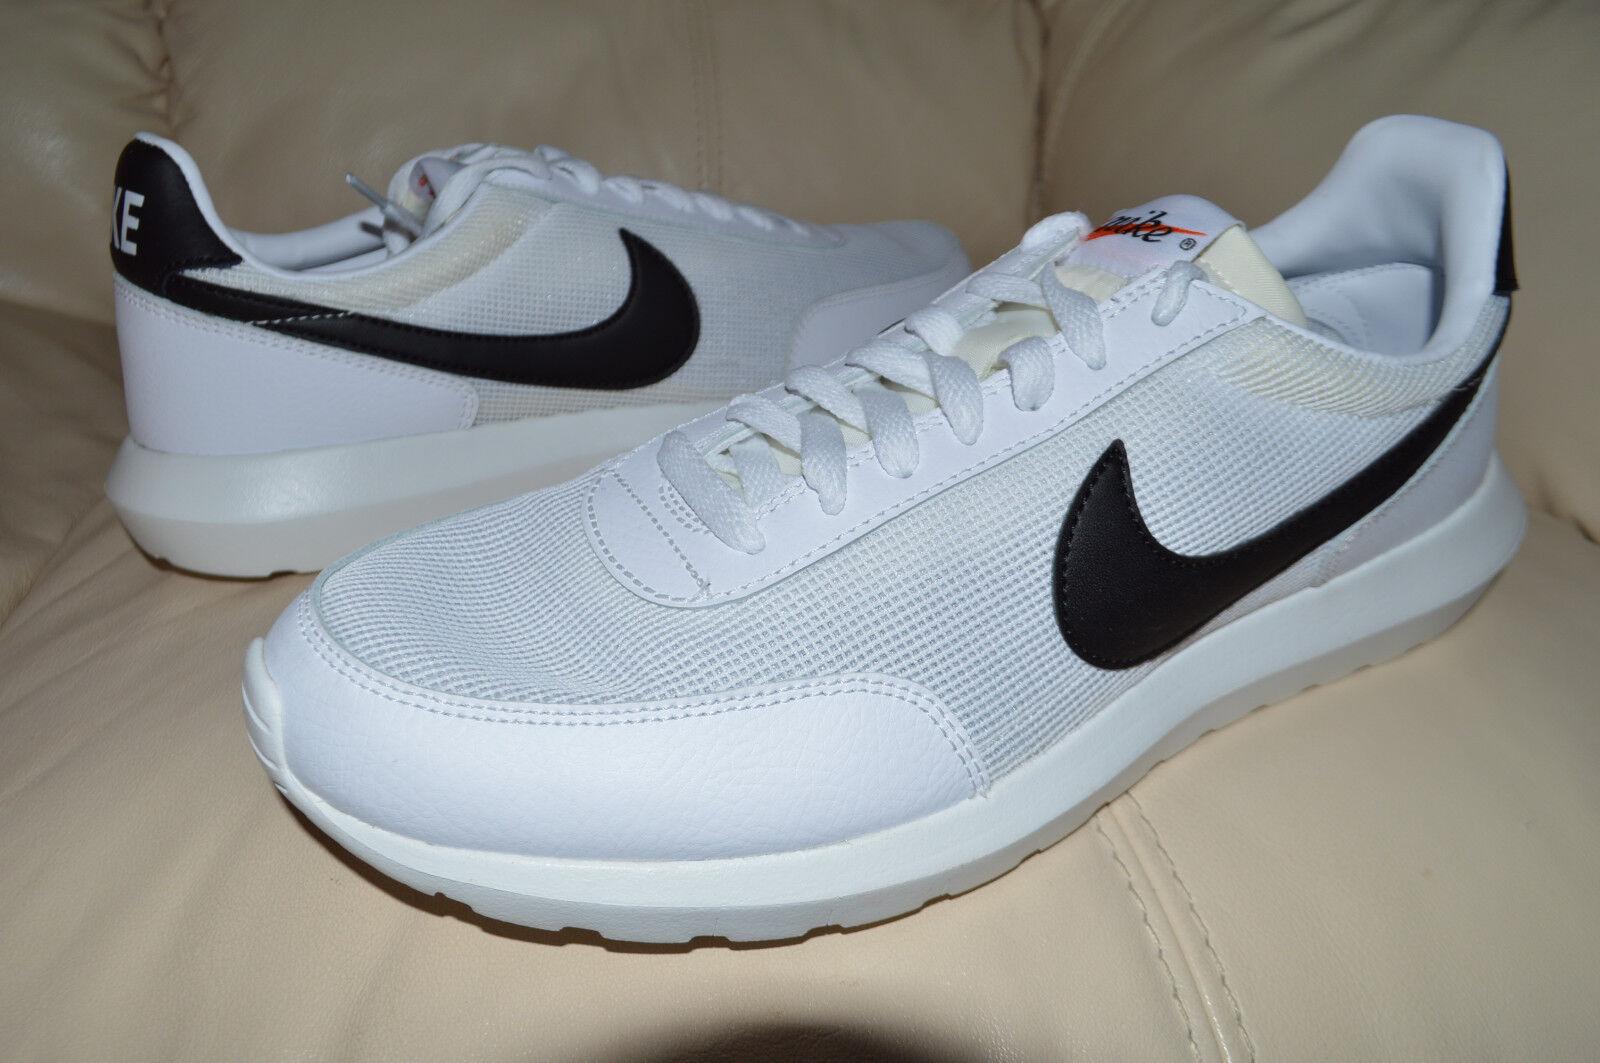 39706da2283d65 New Nike Mens Roshe Daybreak NM Run Running Shoes 826666-100 sz 12 White  Black